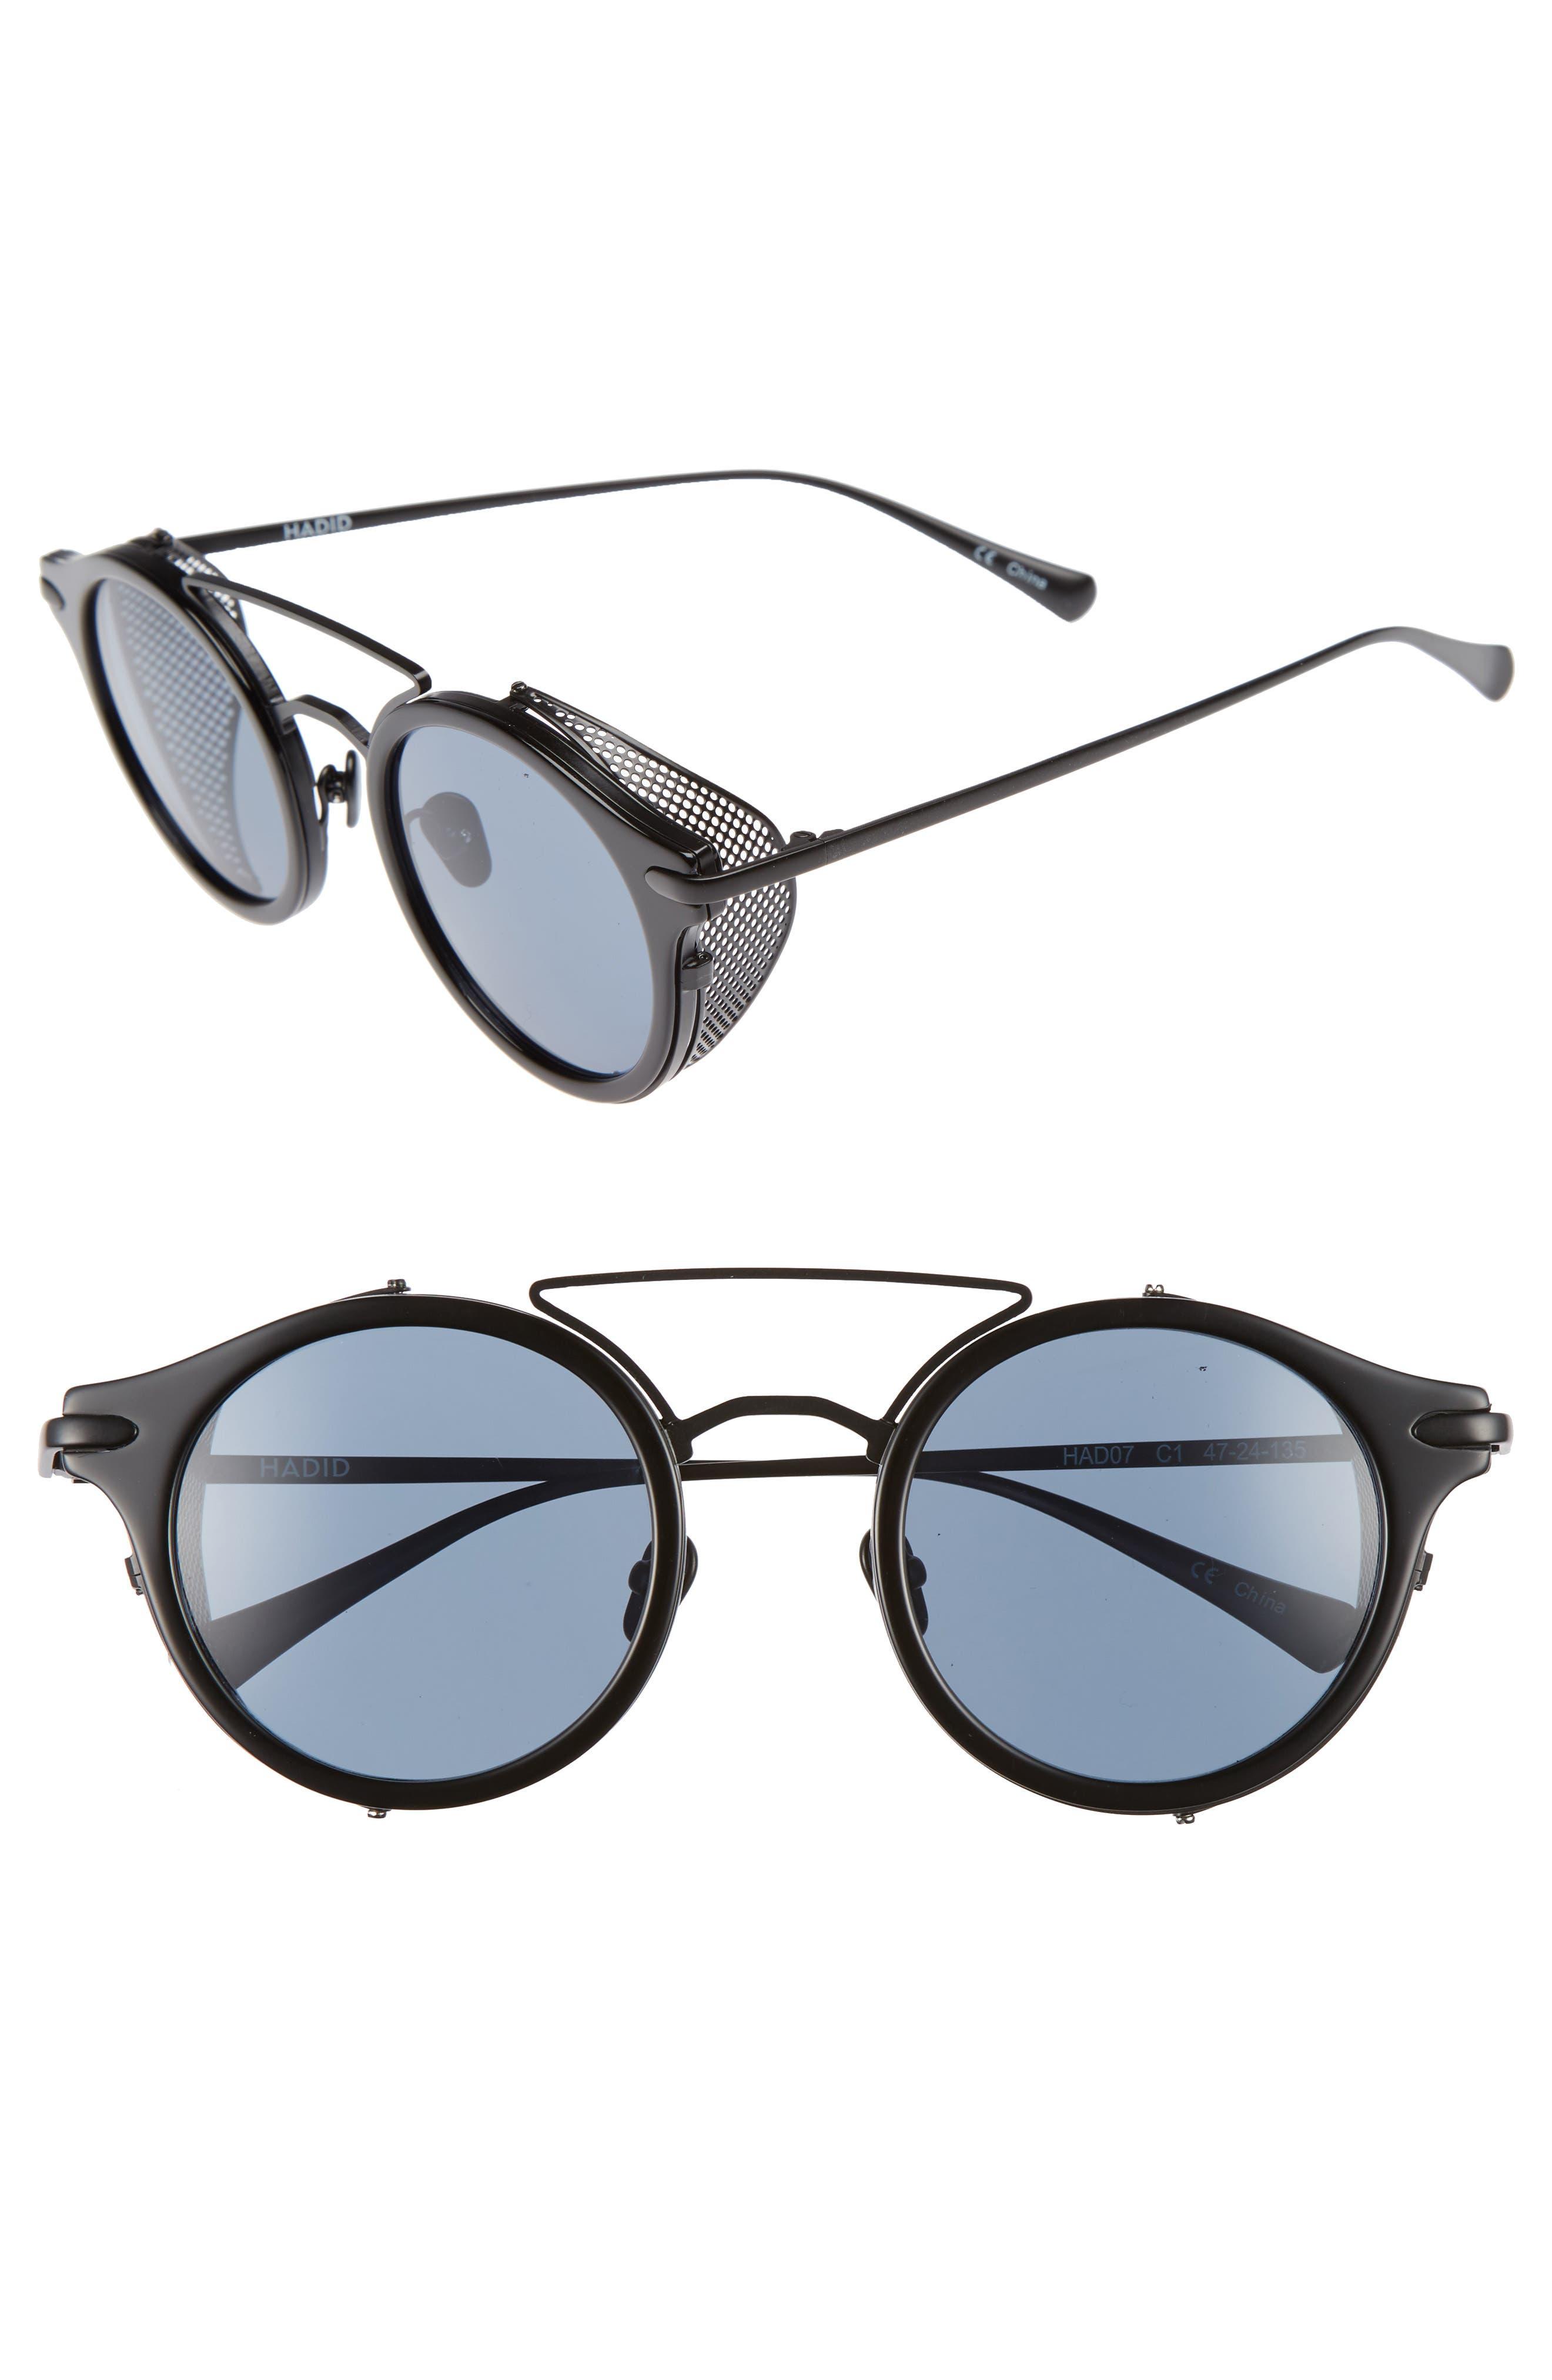 Main Image - Hadid Mile High 47mm Sunglasses